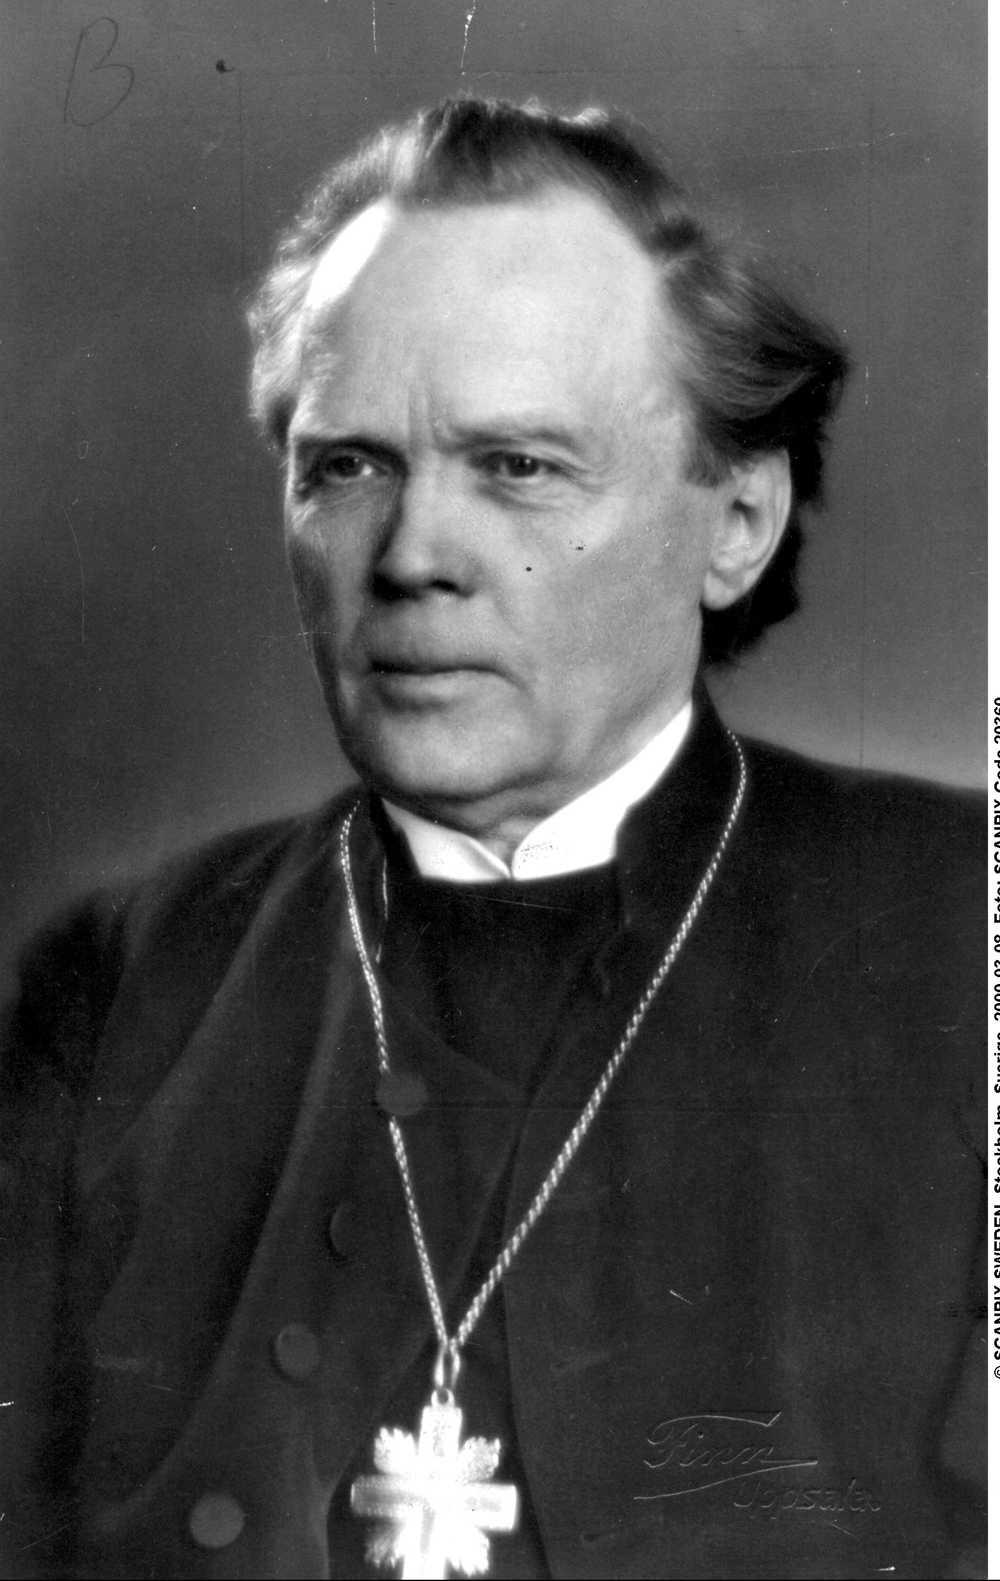 1930 var det återigen dags för en svensk vinnare i Nathan Söderblom, ärkebiskop och ledare för den ekumeniska rörelsen.